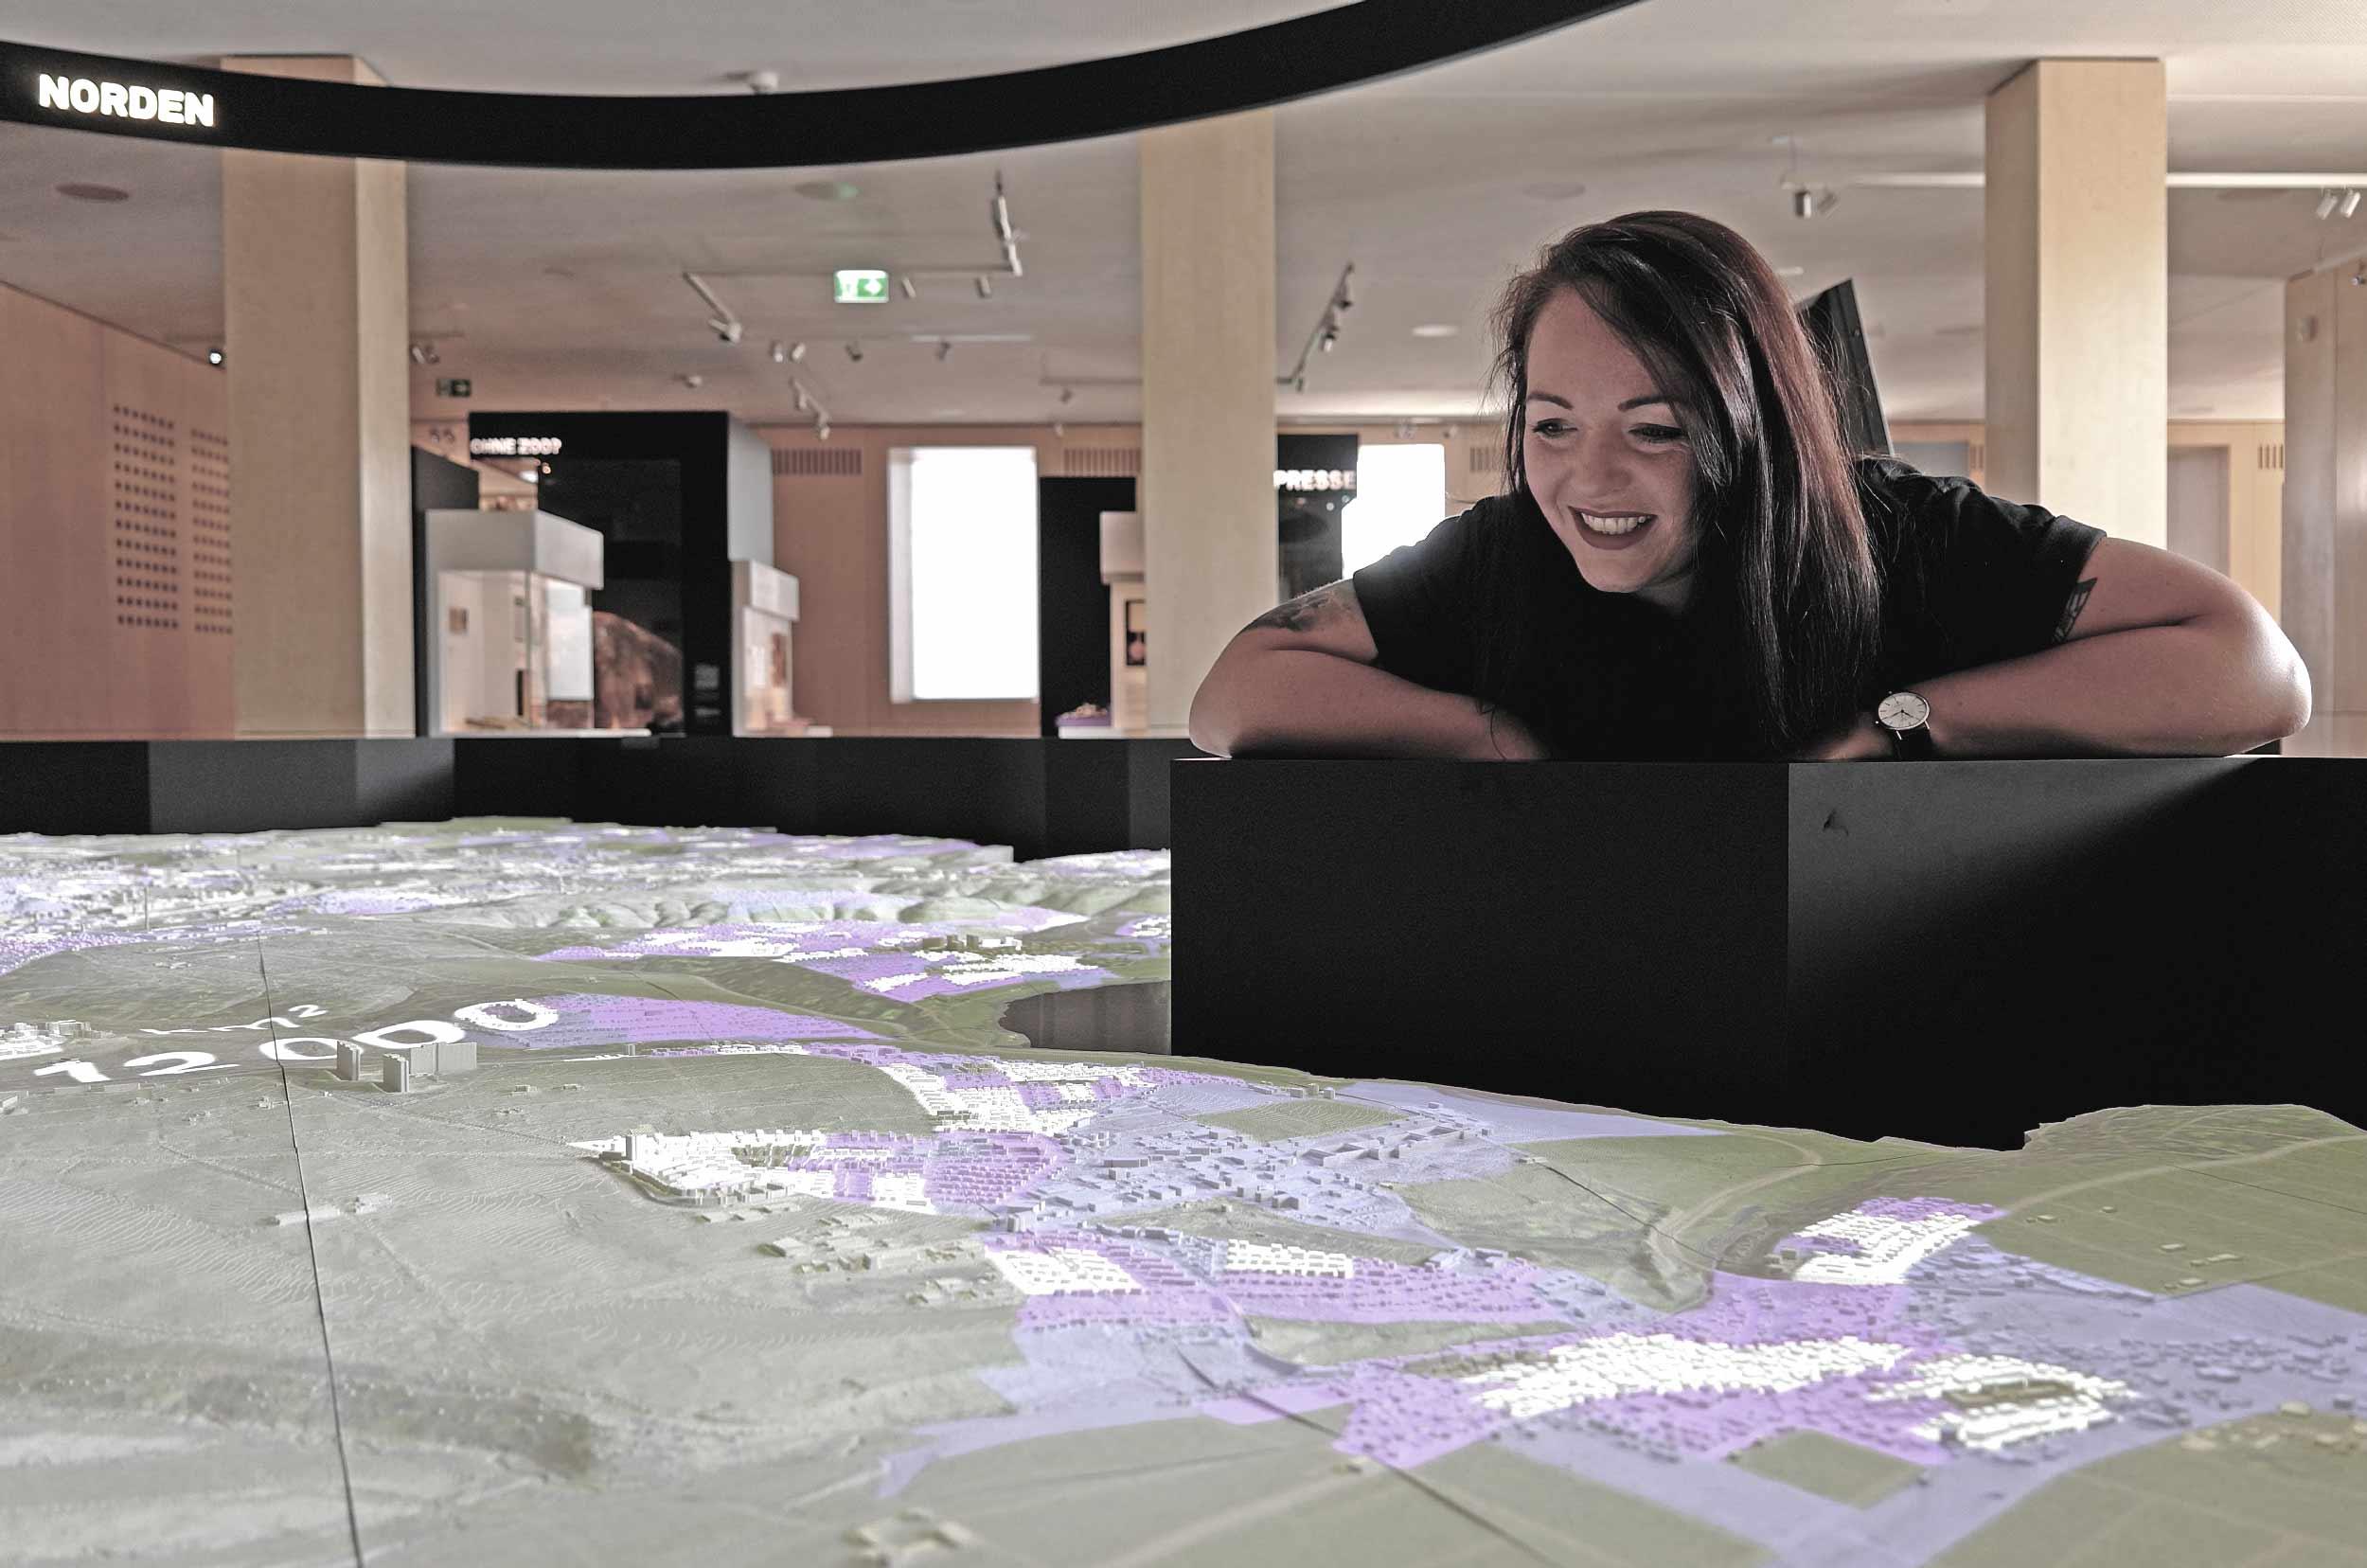 Stadt Palais Thea Sauter Projektleiterin Stadtmodell